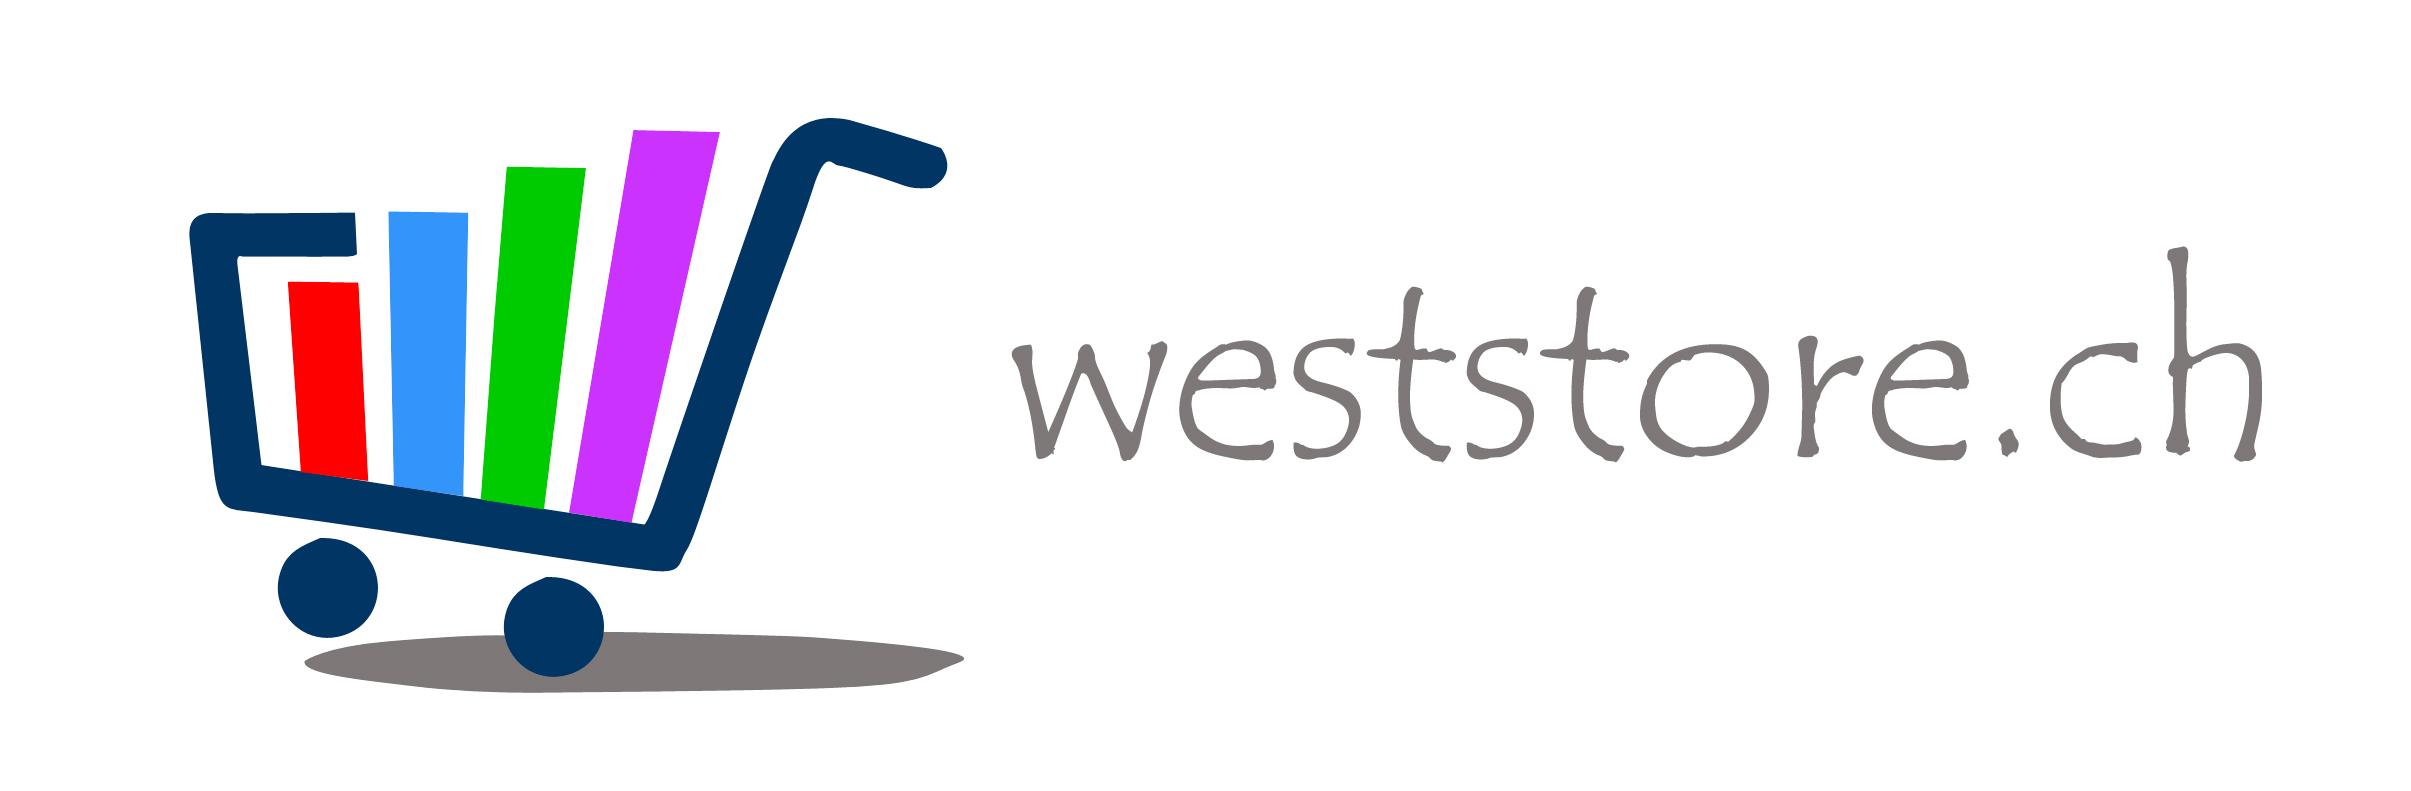 weststore.ch-Logo